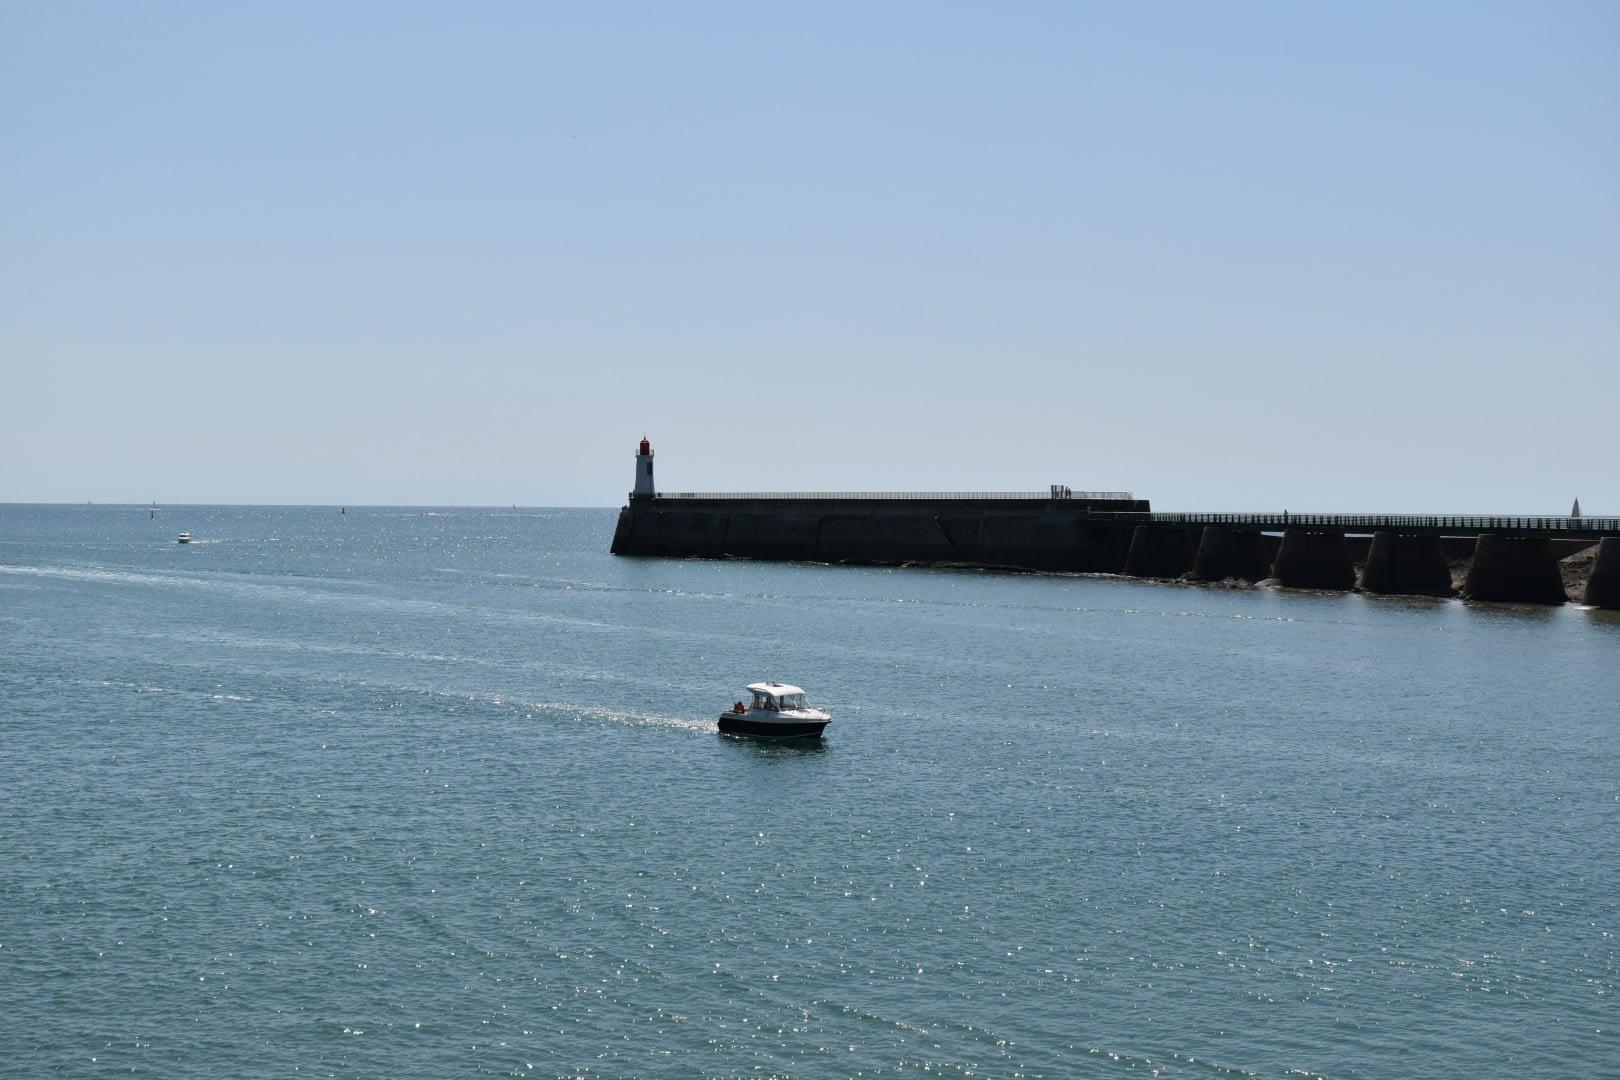 La Jetée des skippers, Les Sables-d'Olonne